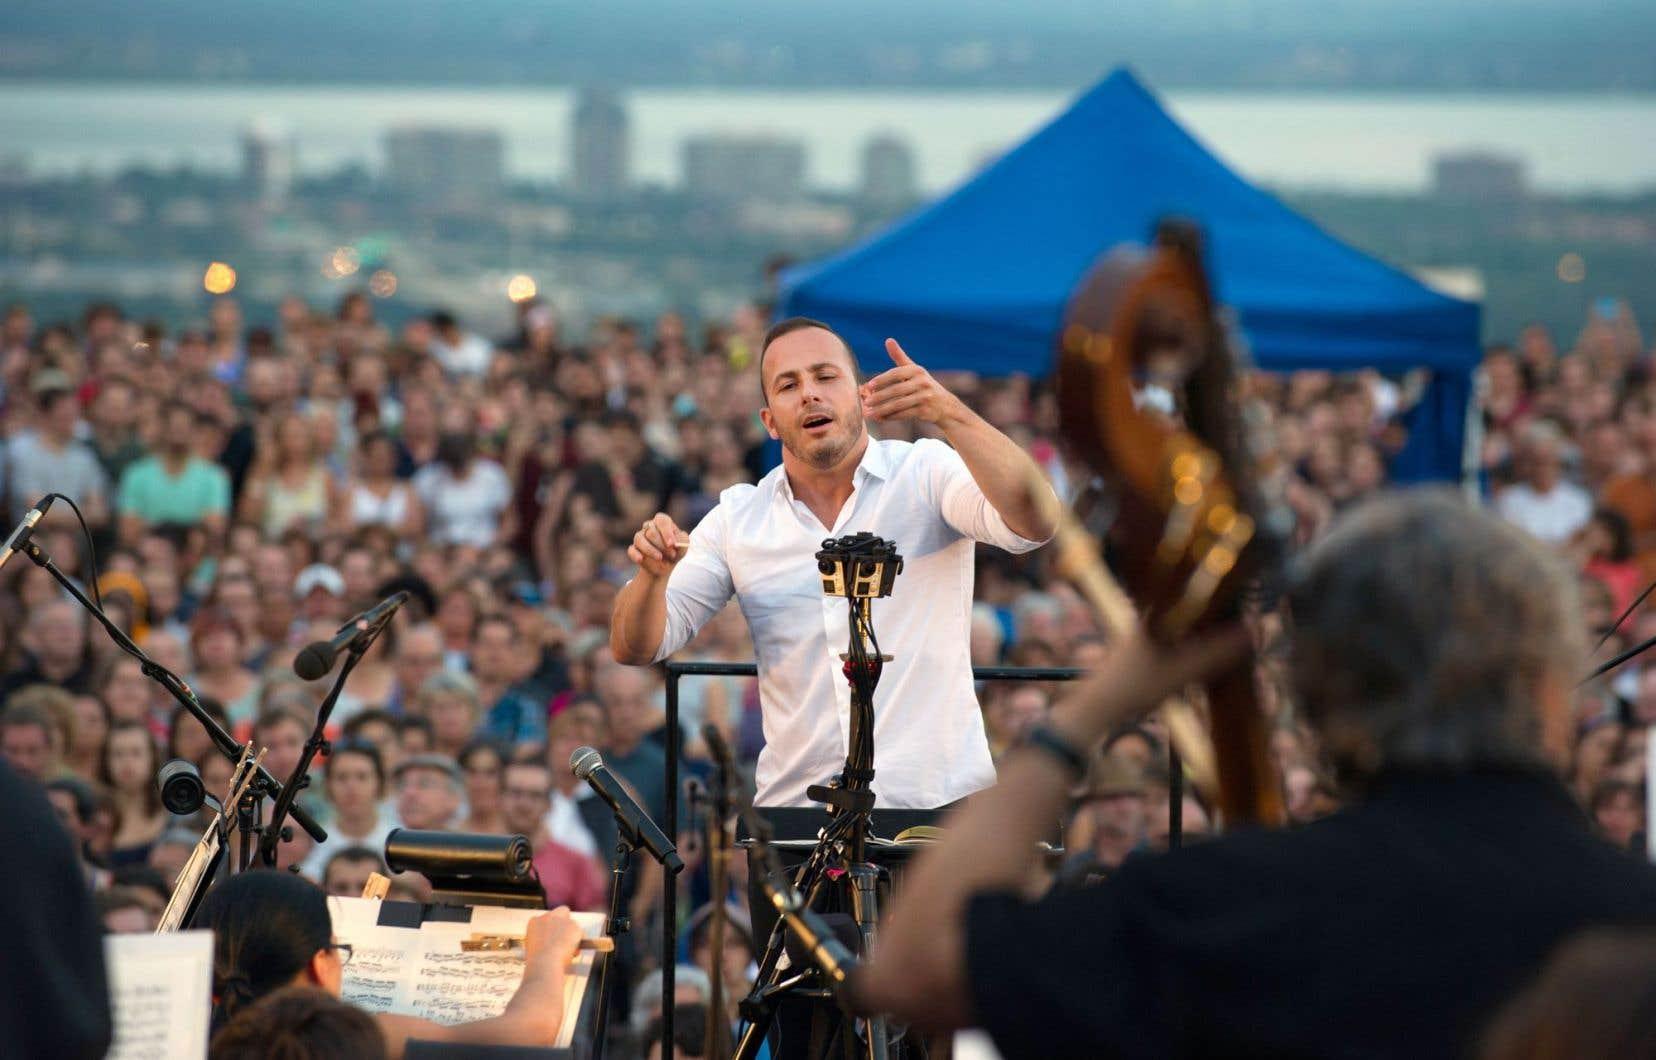 Le chef Yannick Nézet-Séguin à la barre de l'Orchestre métropolitain lors d'un concert sur le mont Royal en juillet2015